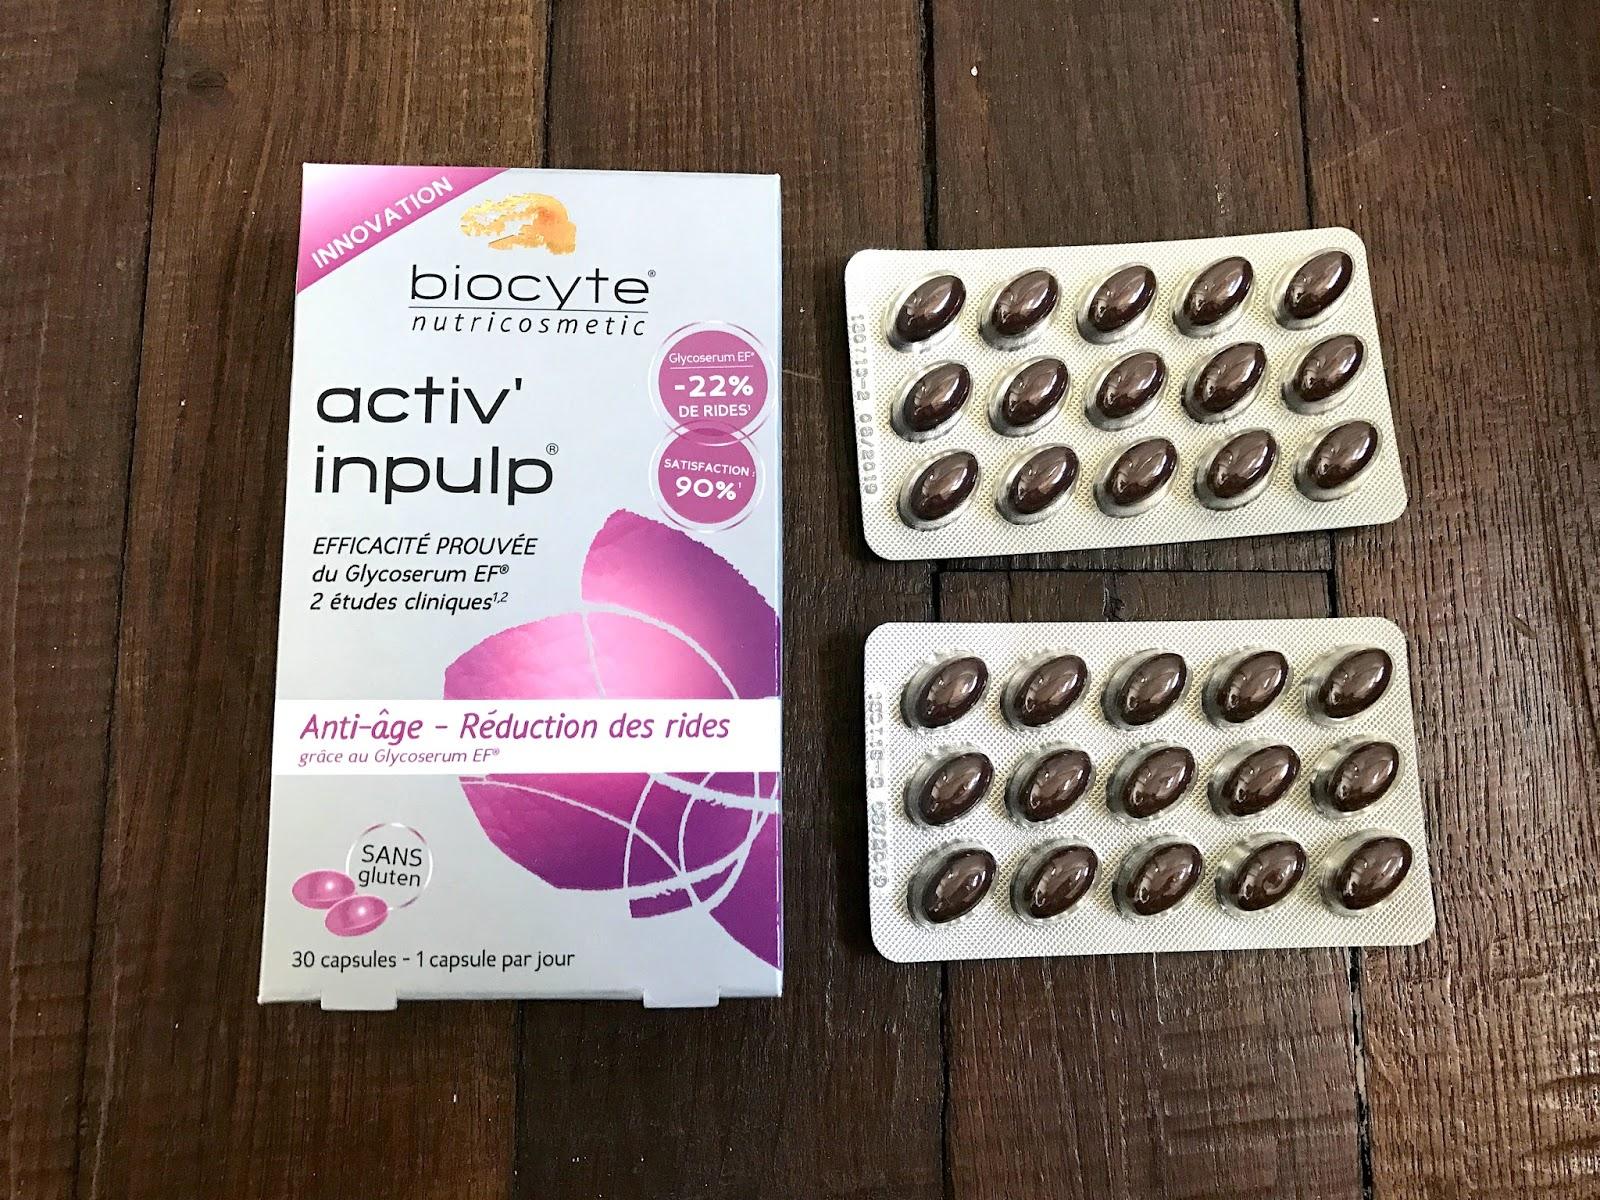 Les compléments activ' inpulp de biocyte top ou flop